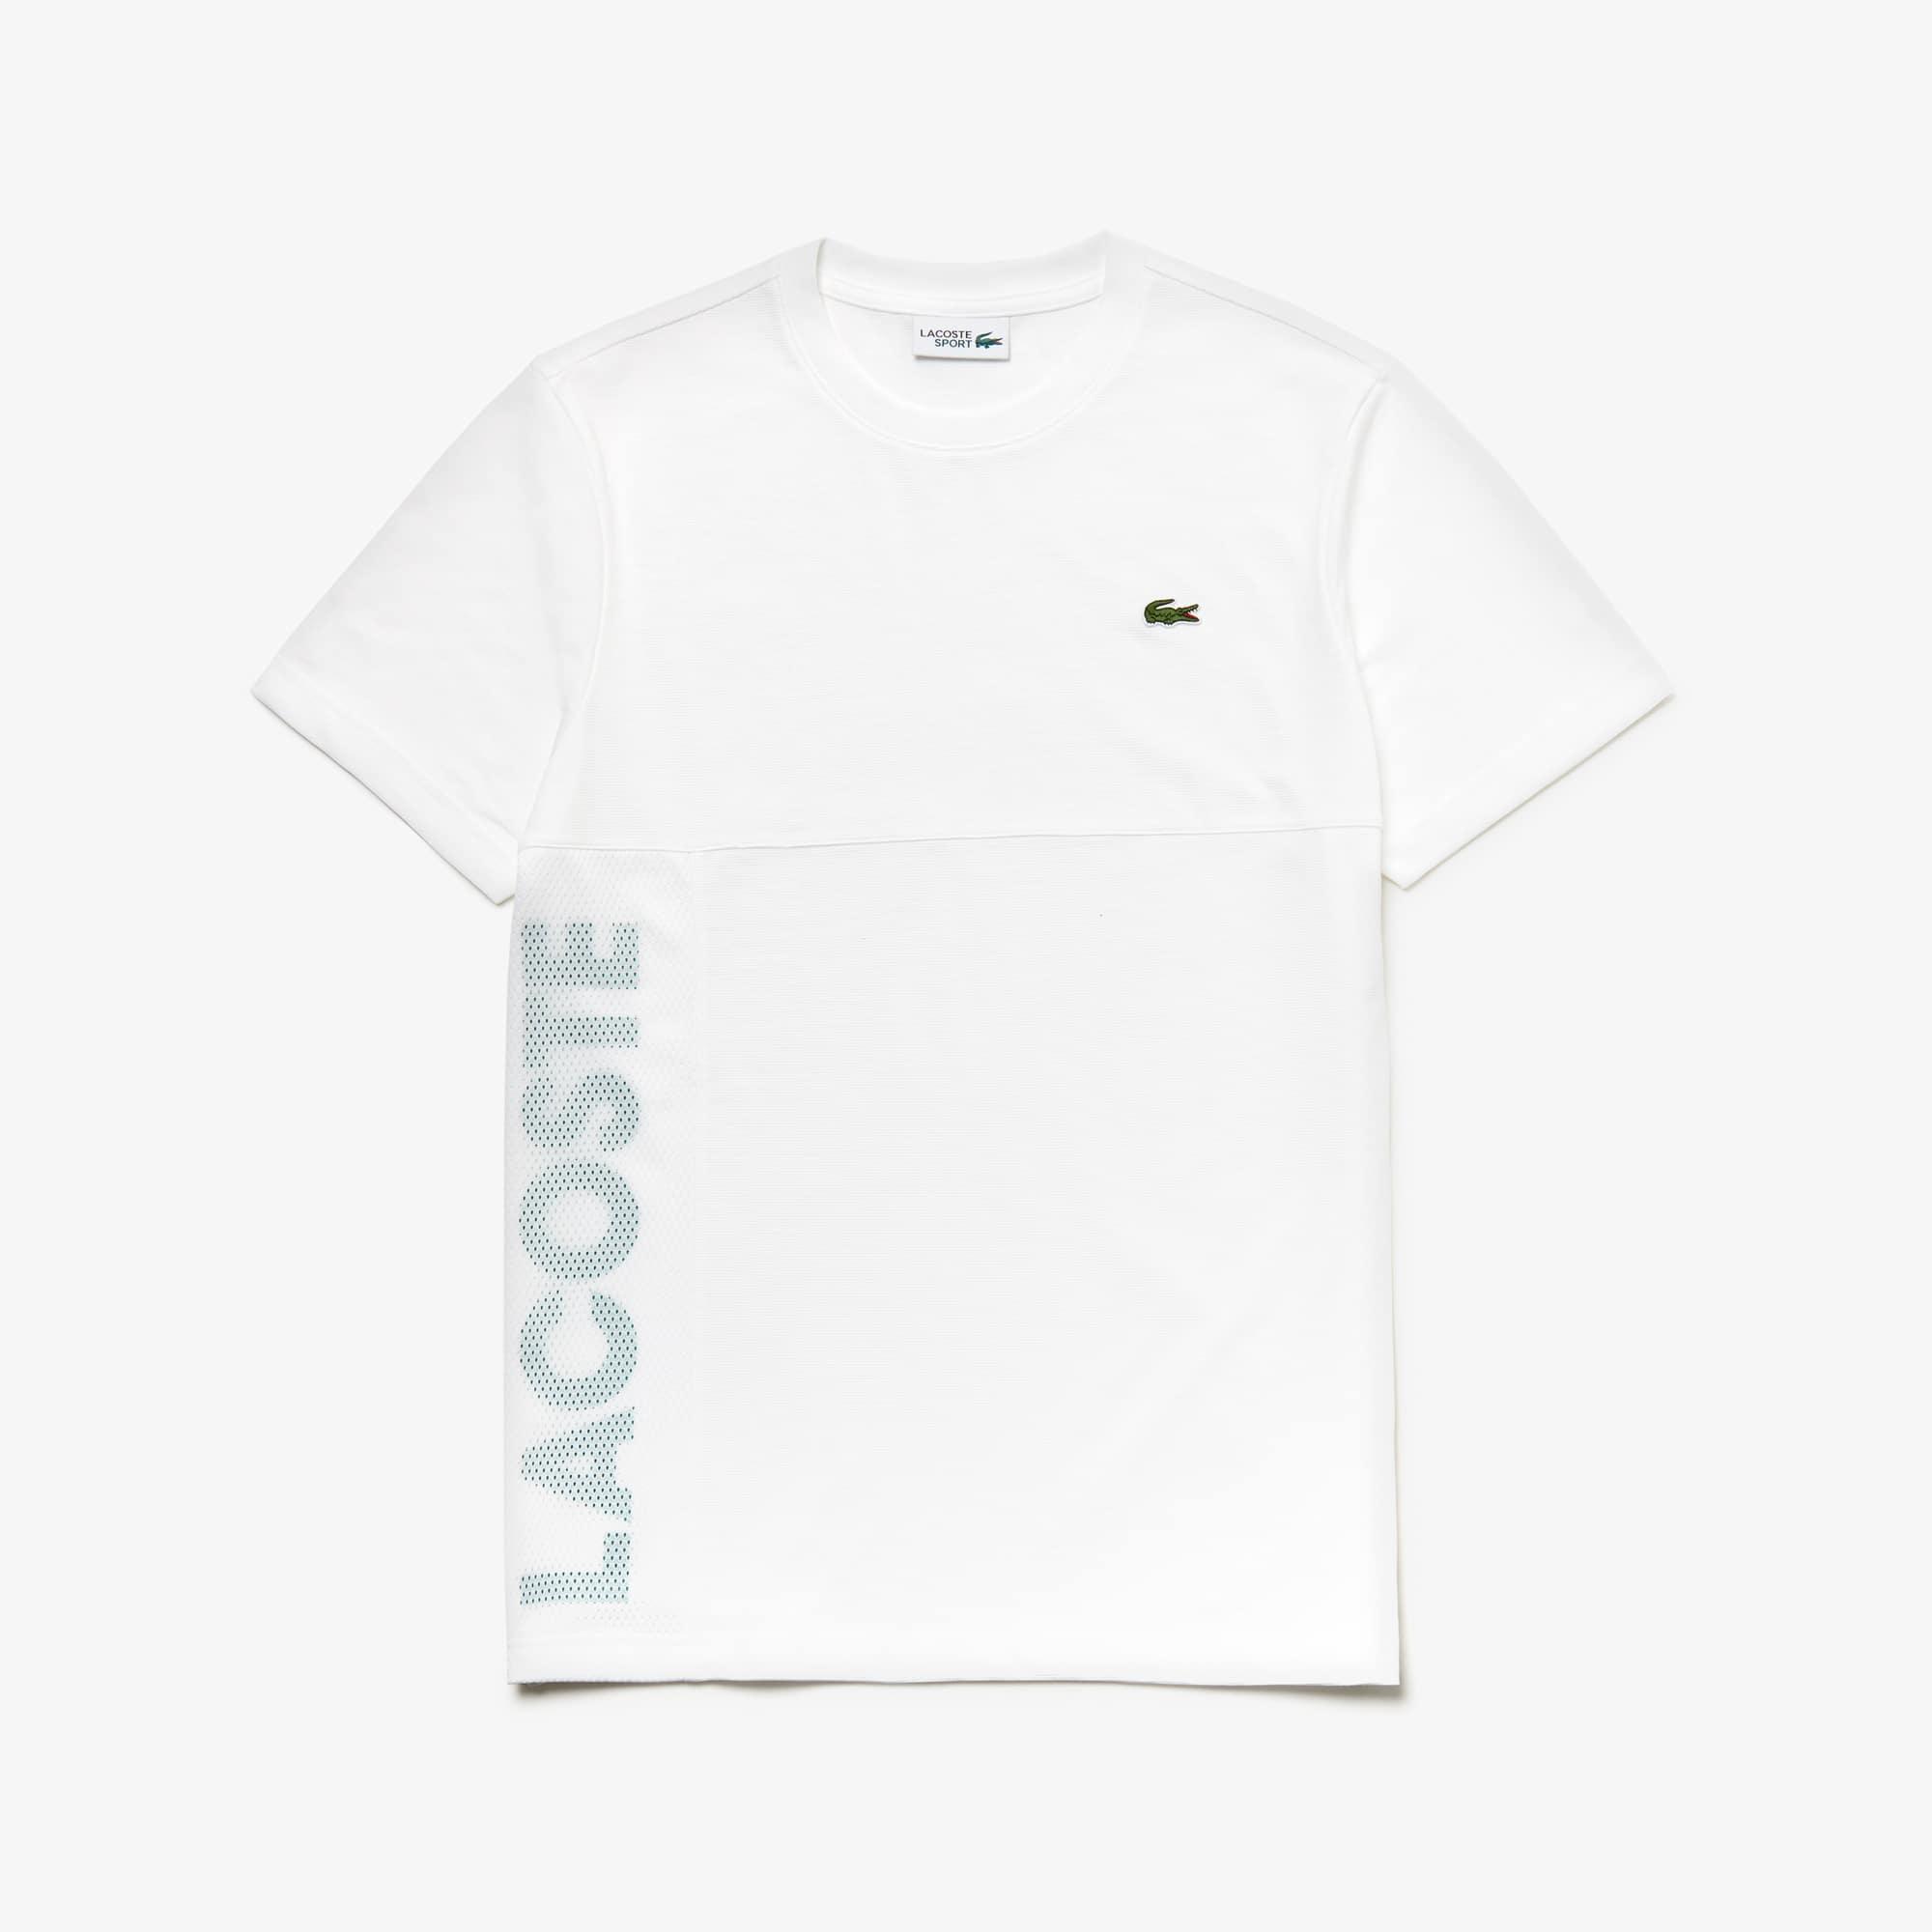 d212fd4d609ea2 Men s T Shirts